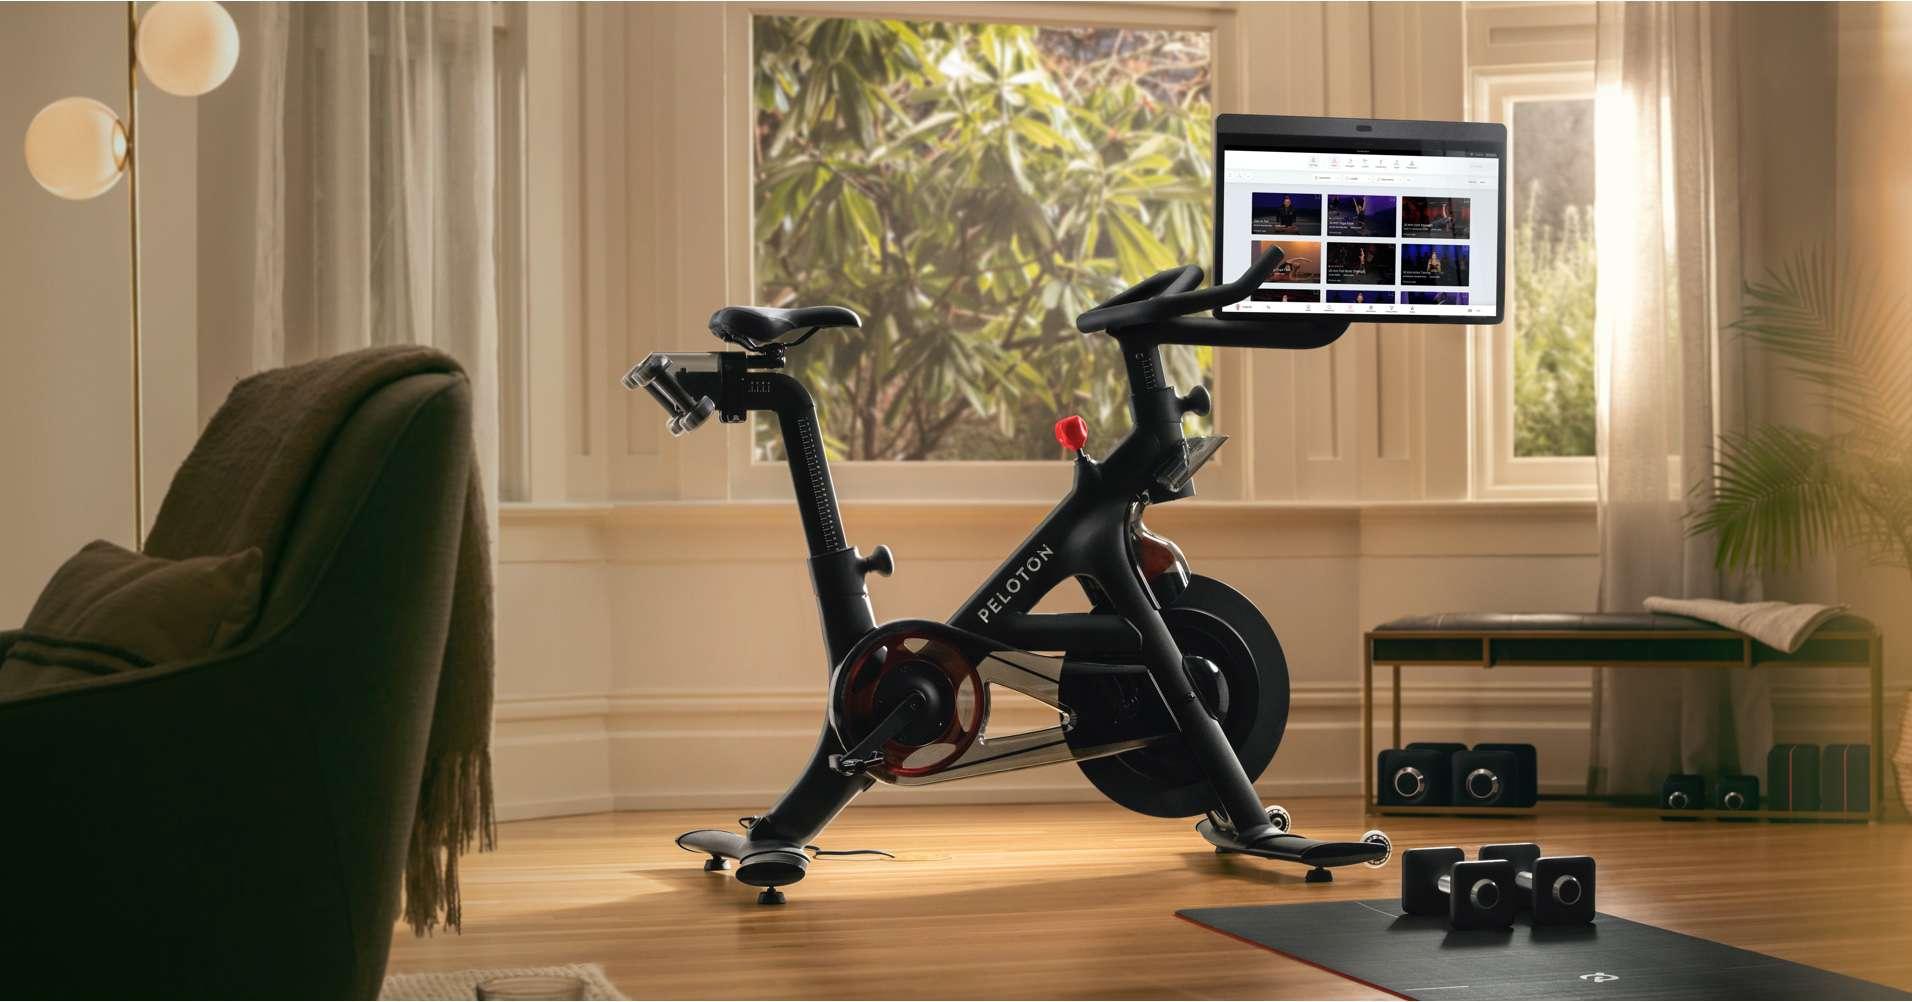 Best Exercise Bike under $300